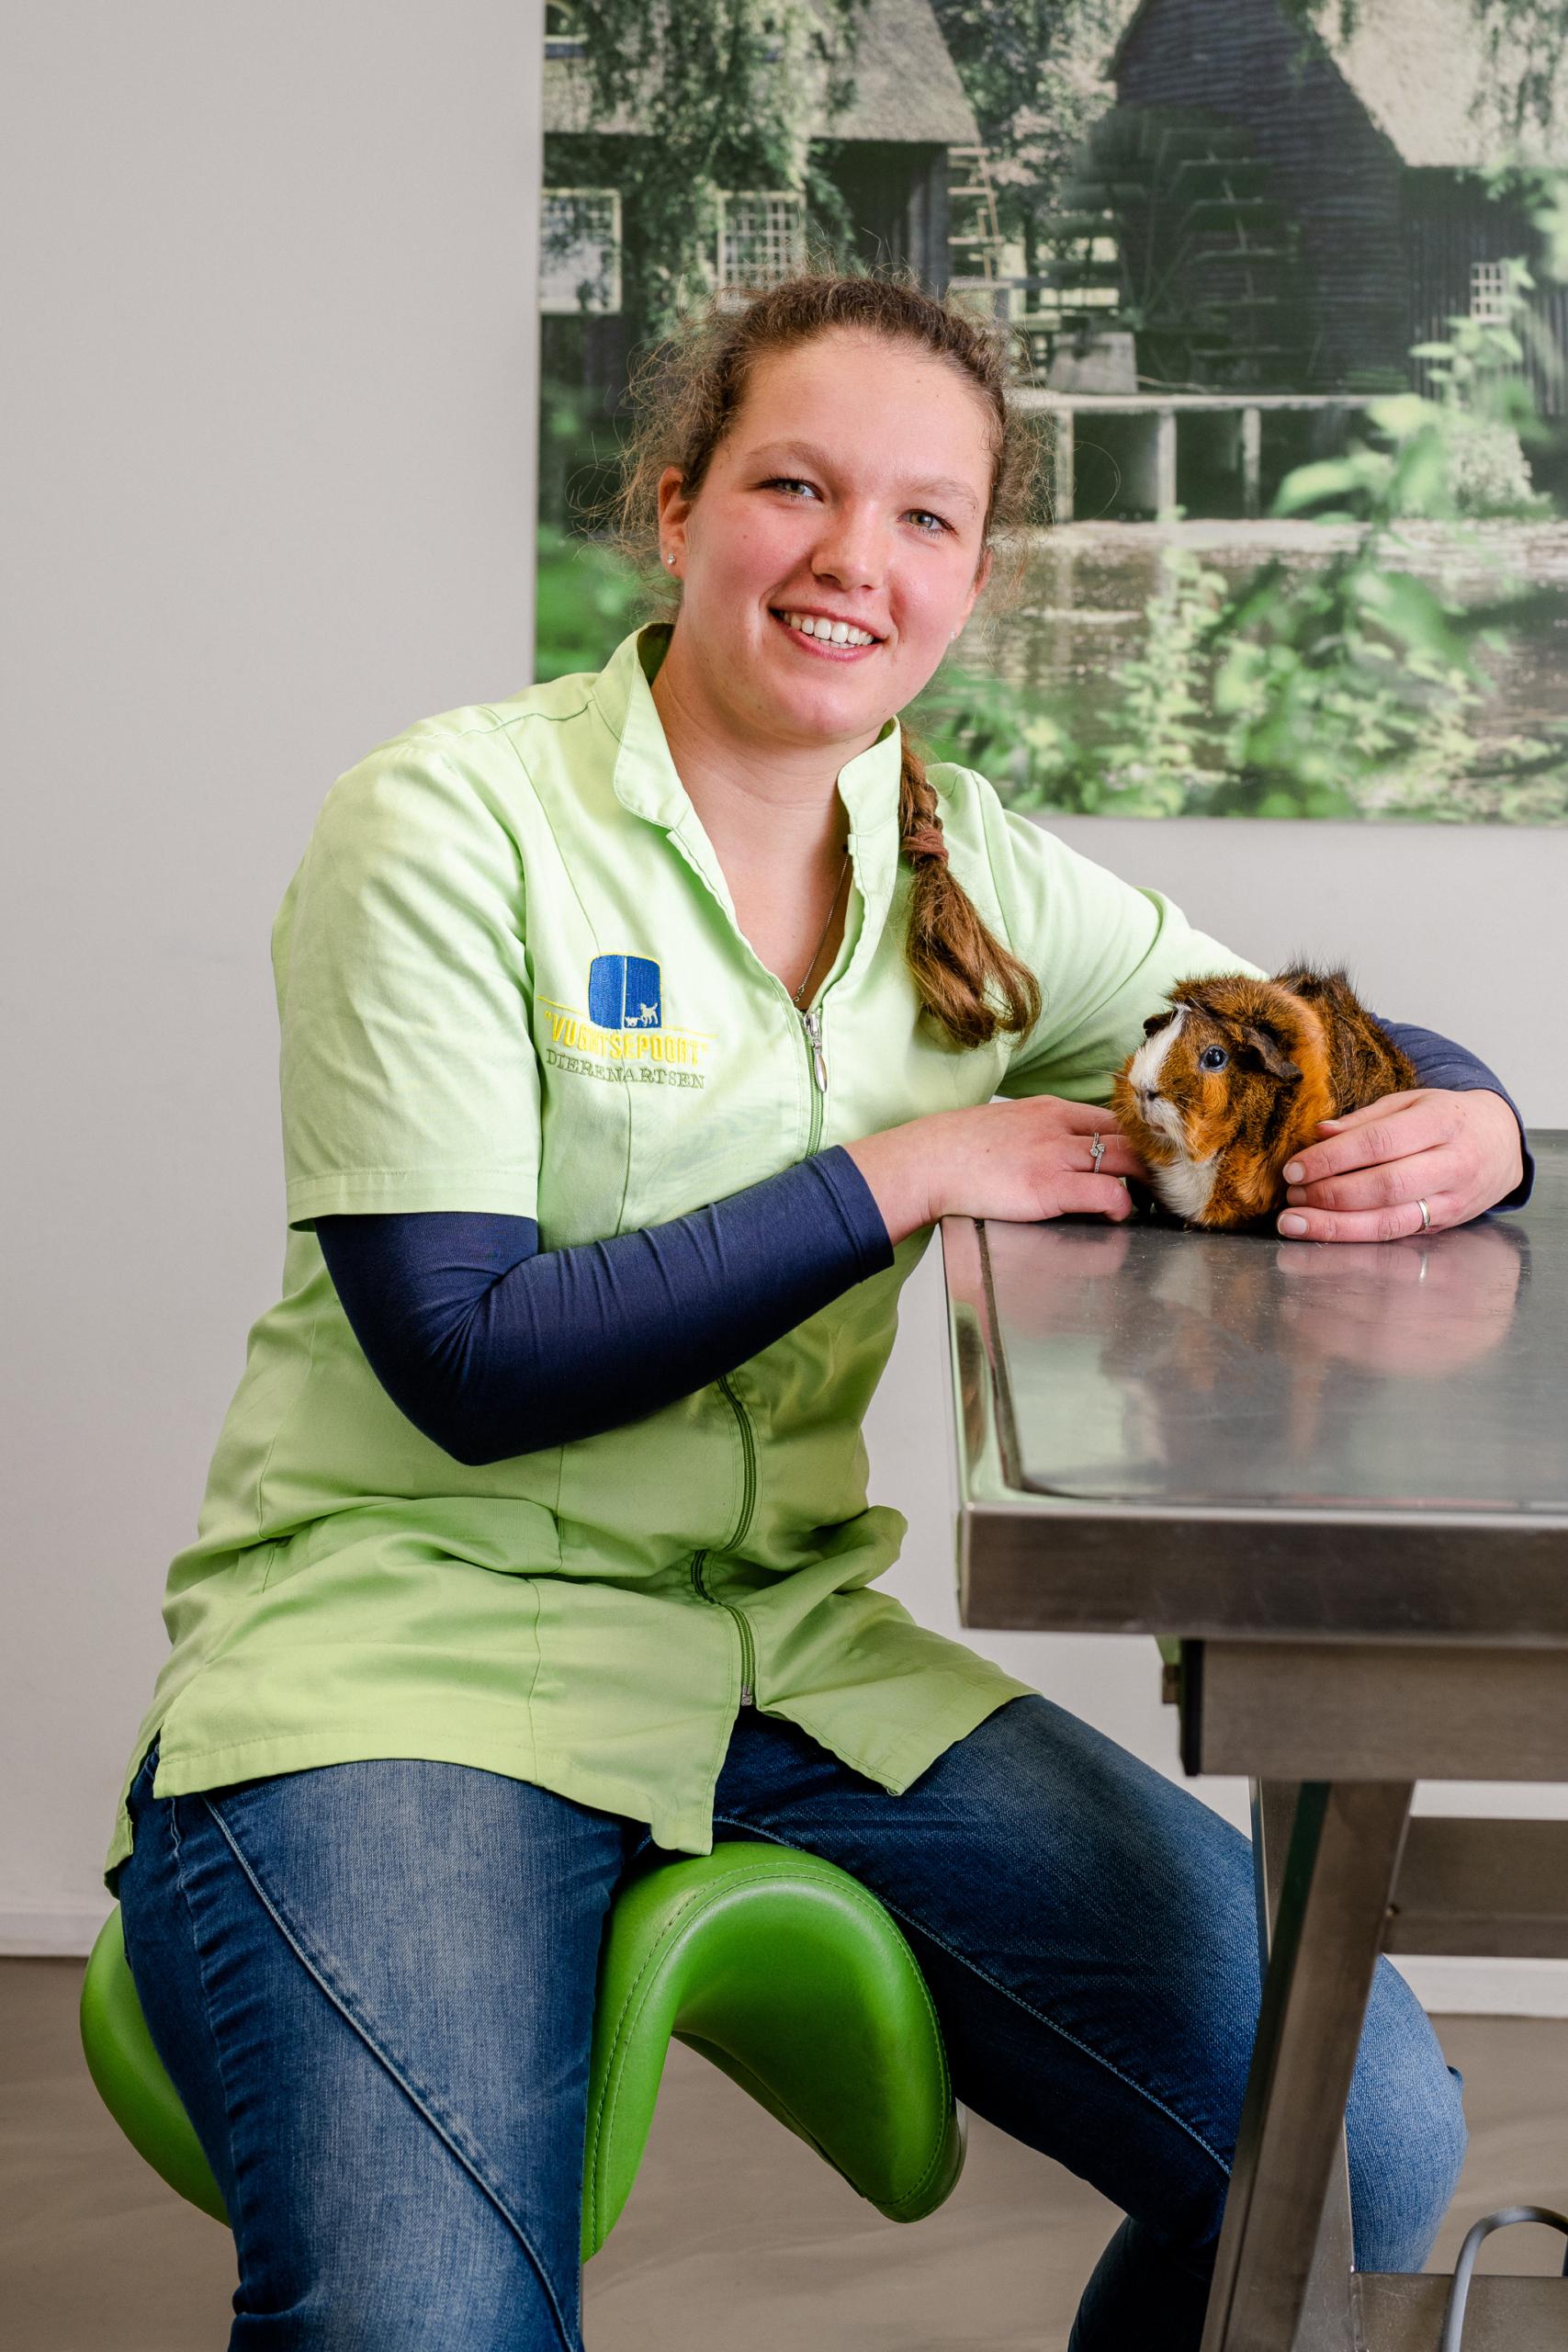 Renée Zijlmans de Jong